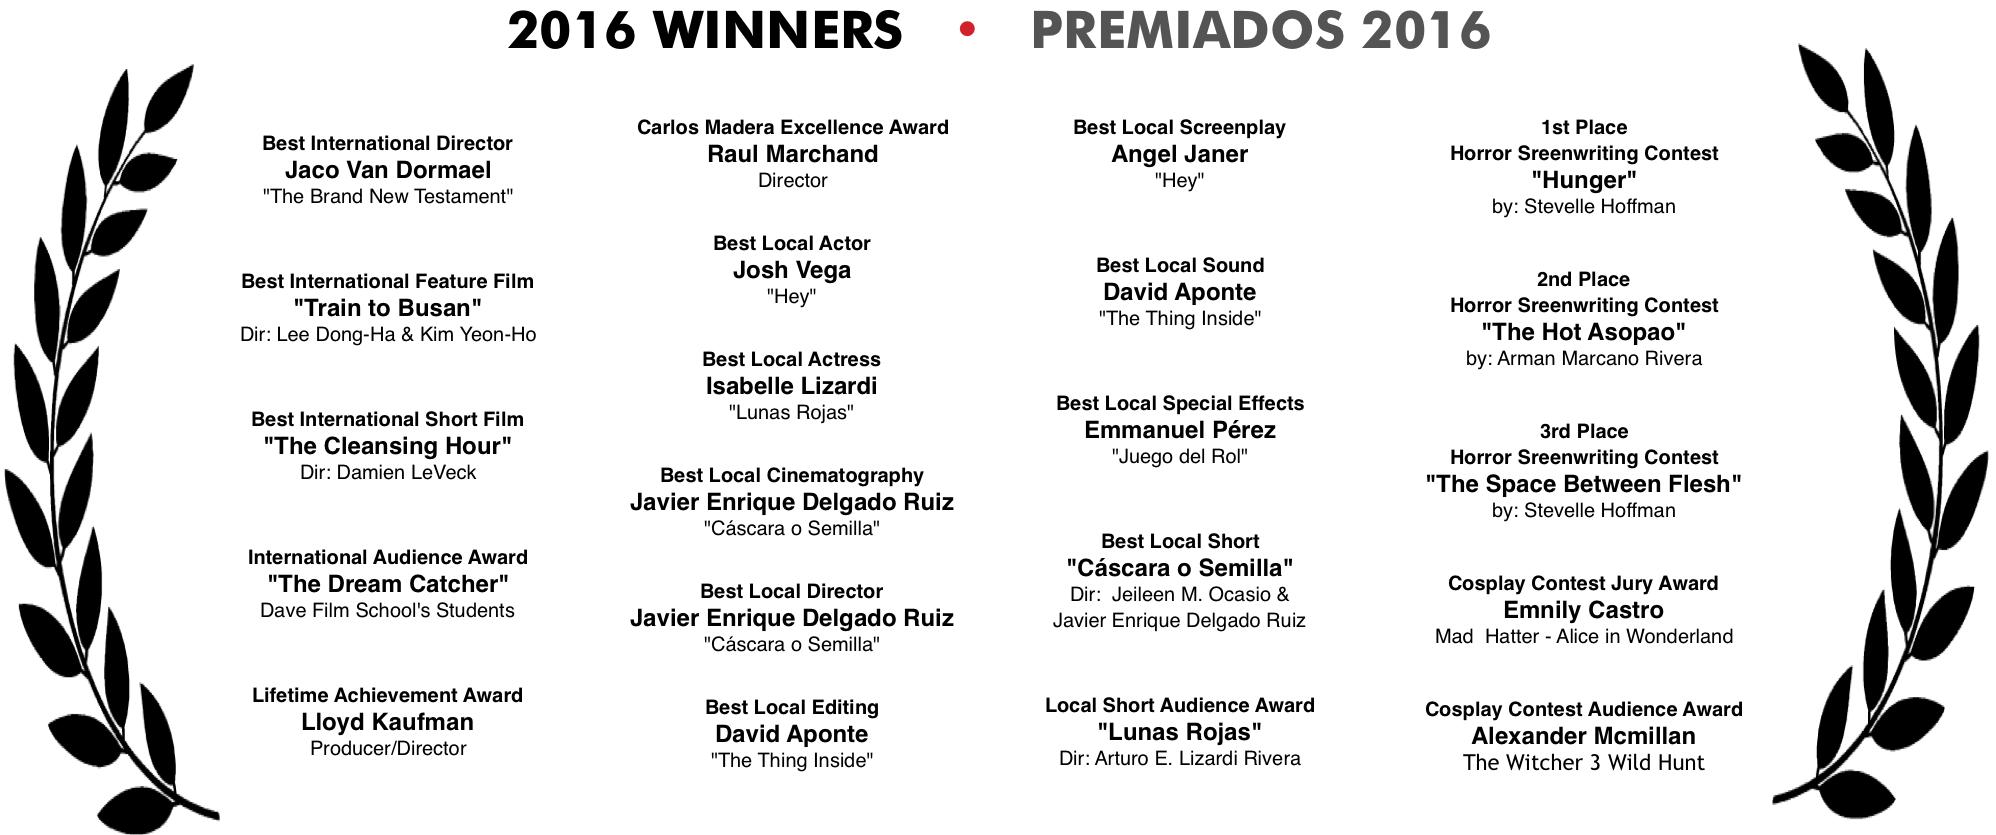 Ganadores2016